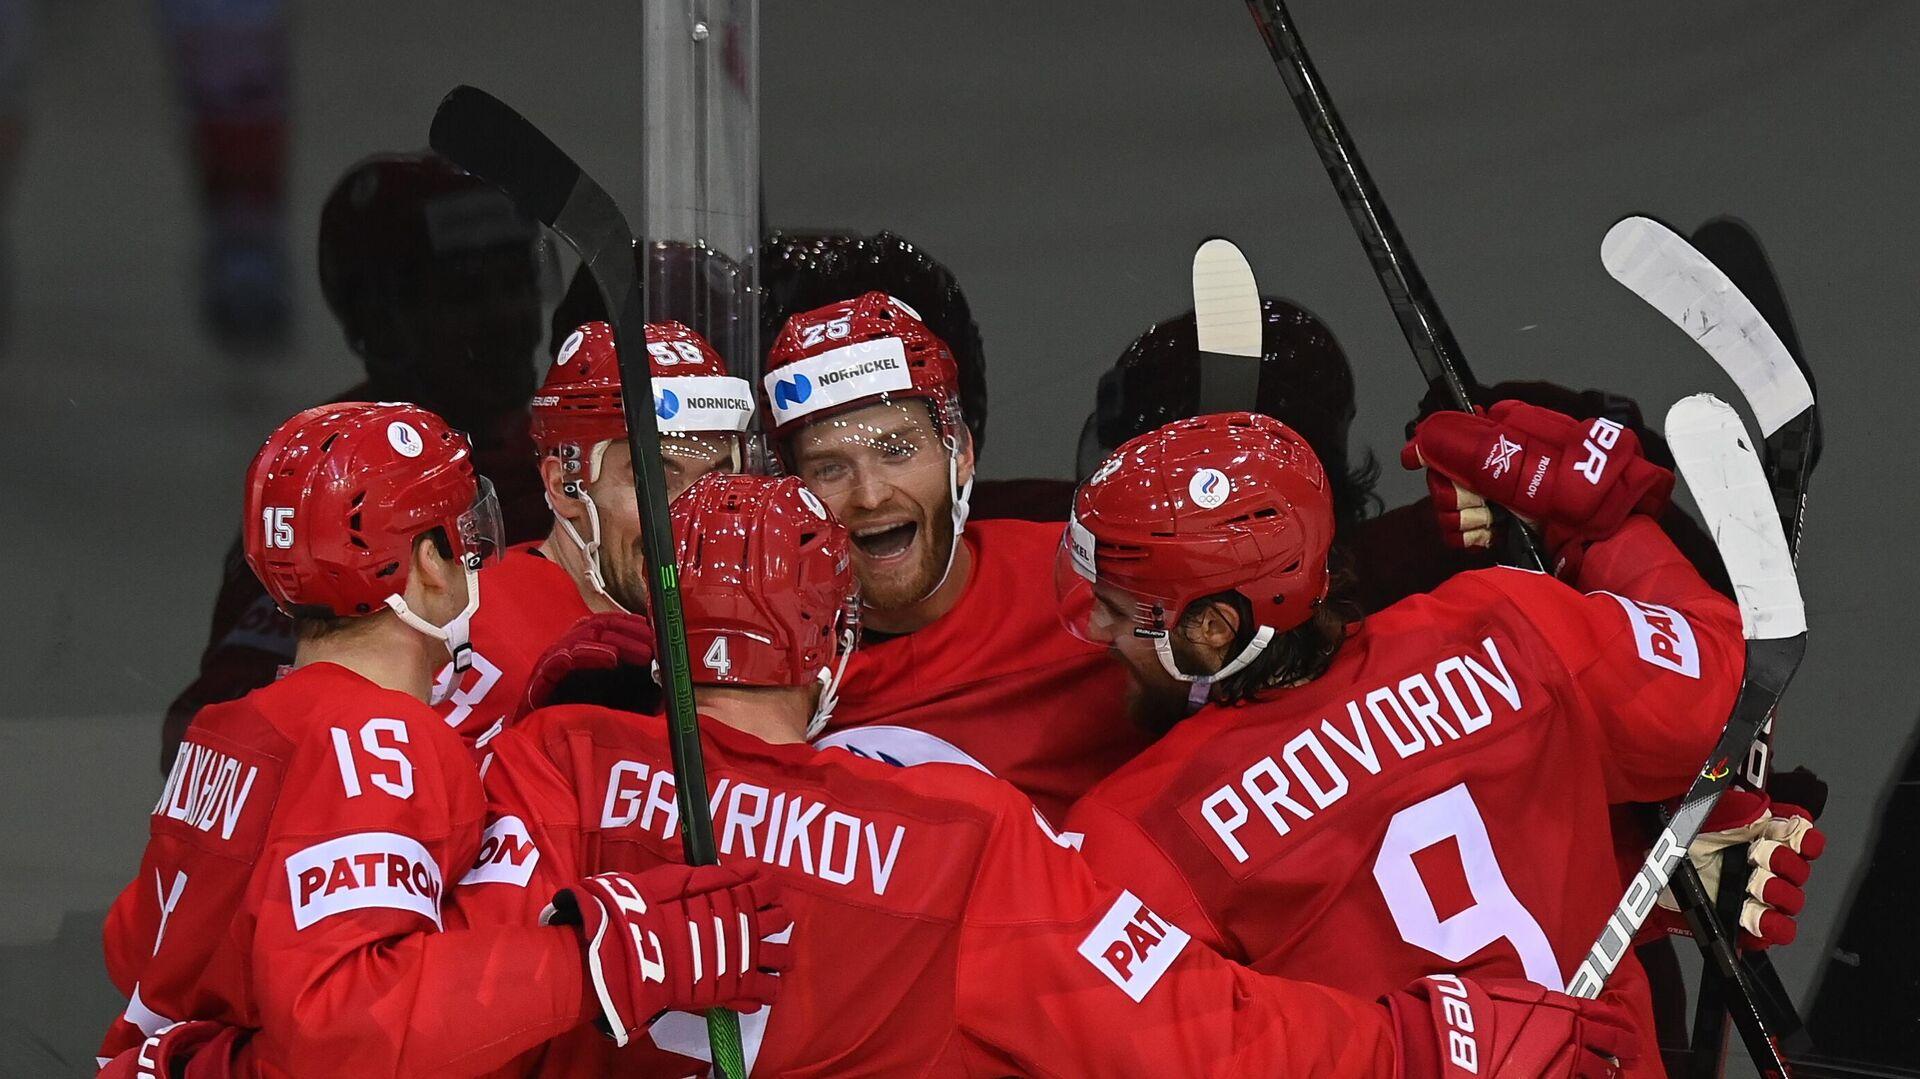 Игроки сборной России радуются заброшенной шайбе в матче группового этапа чемпионата мира по хоккею 2021 между сборными командами России и Чехии - РИА Новости, 1920, 02.06.2021